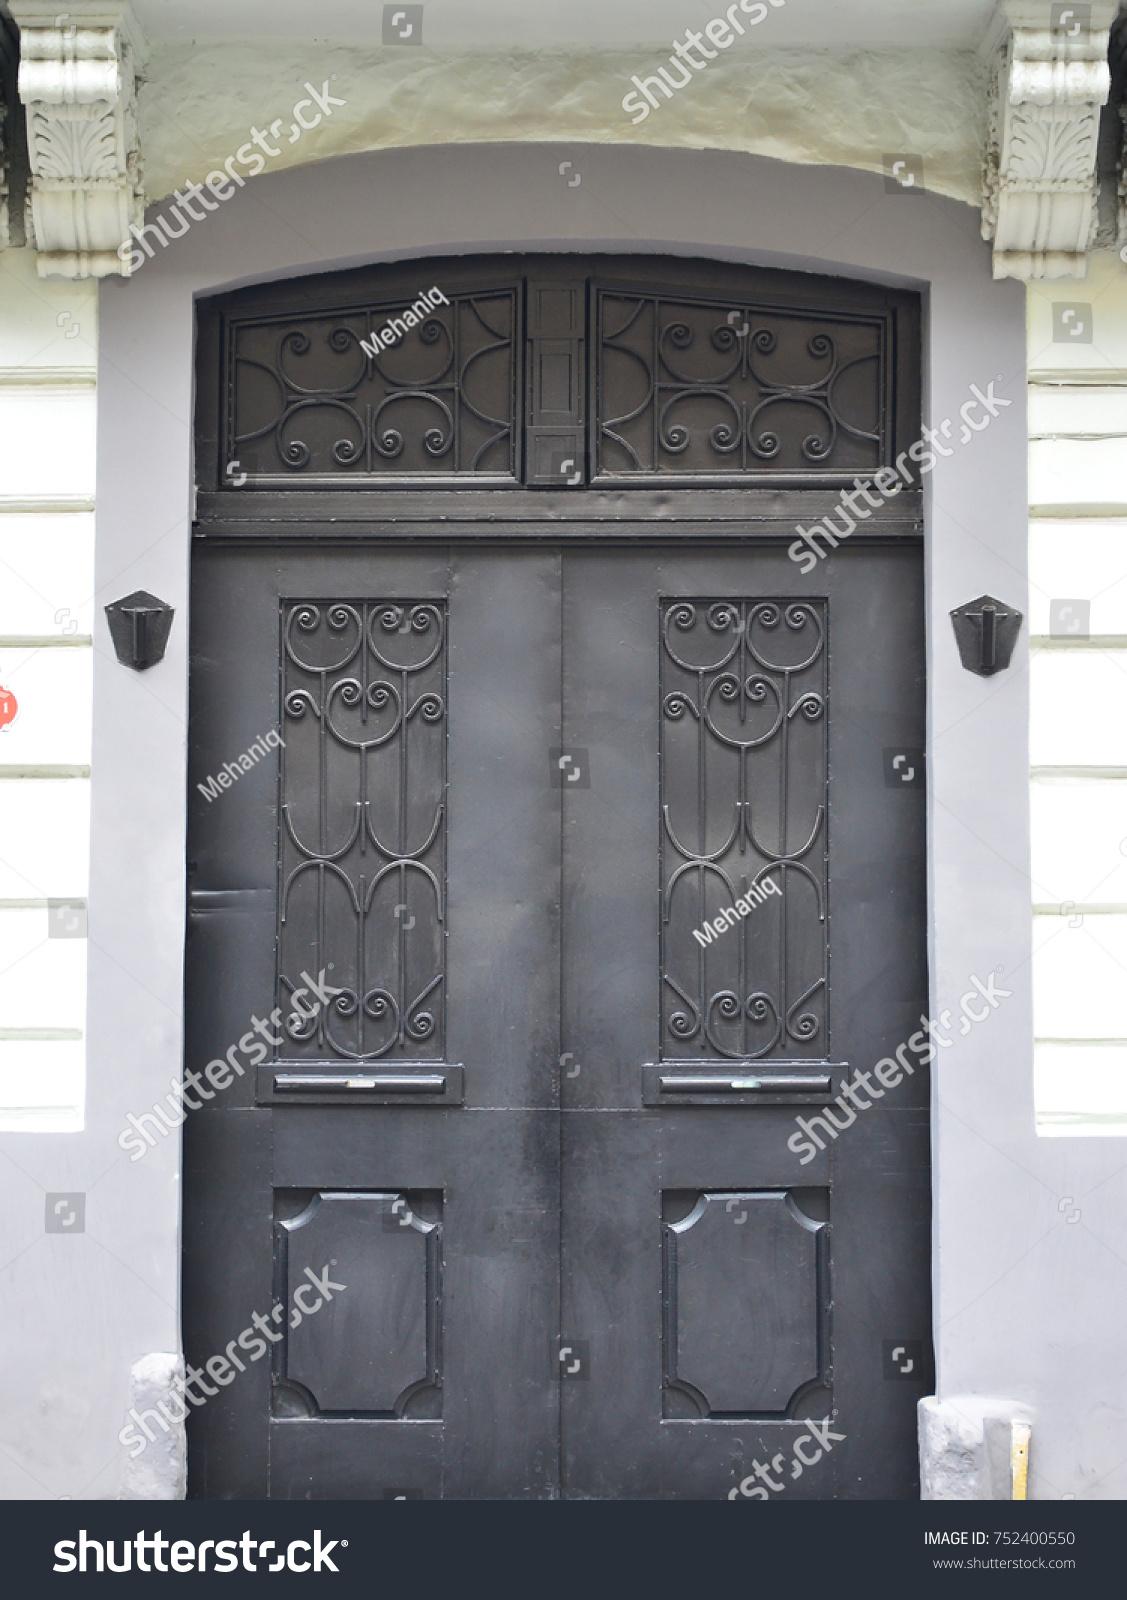 metal door texture. The Texture Of Modern Metal Door Is Black. Outdoor View S